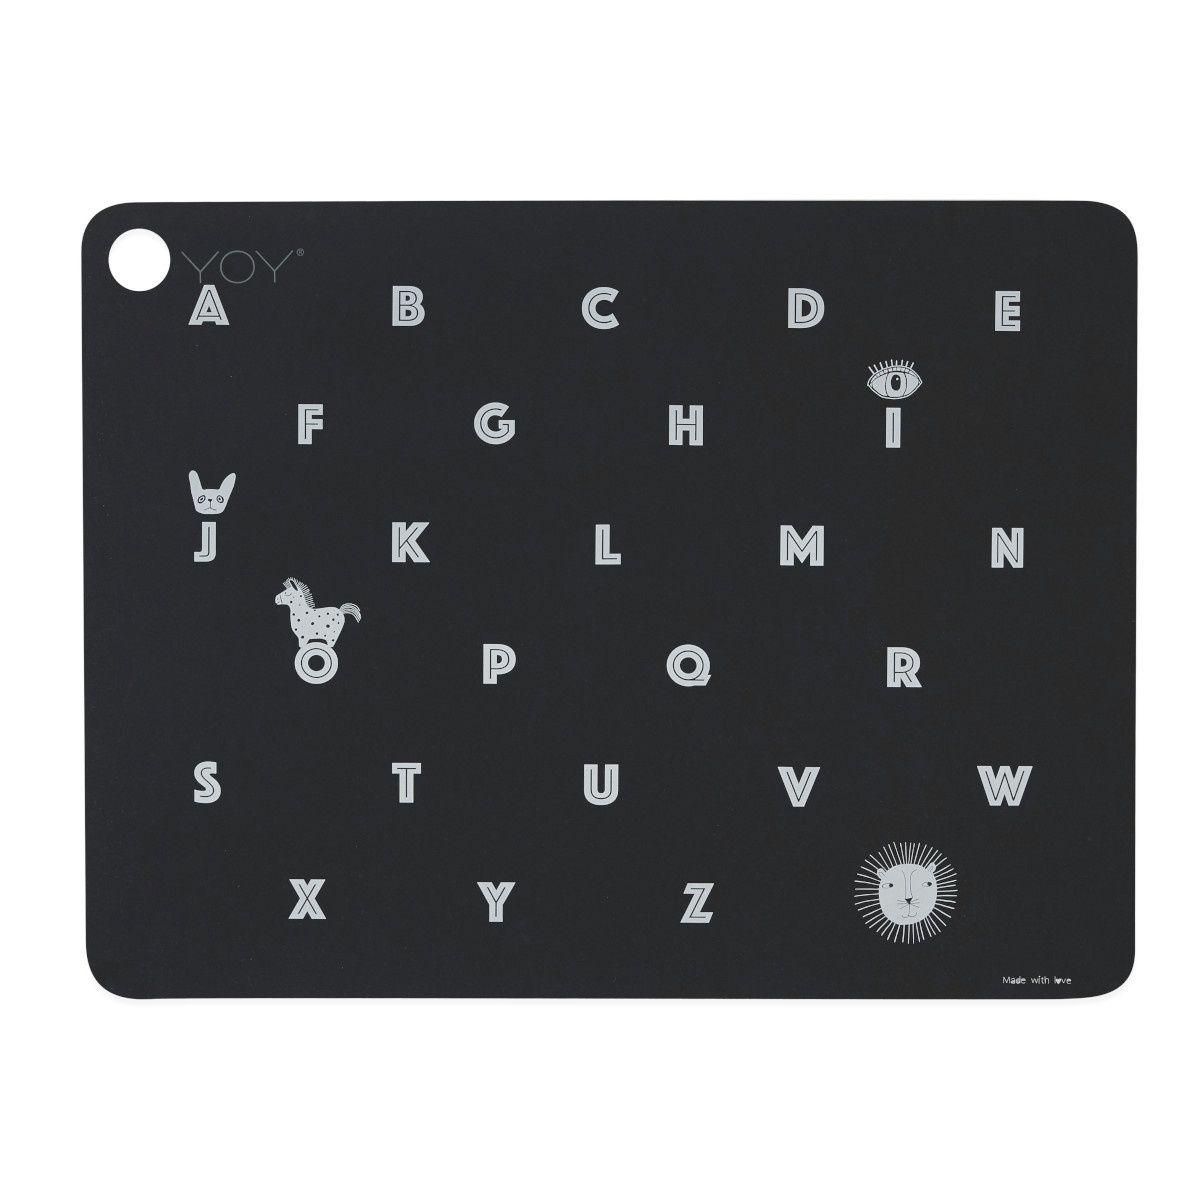 Podkładka pod talerz Alfabet czarna - OYOY